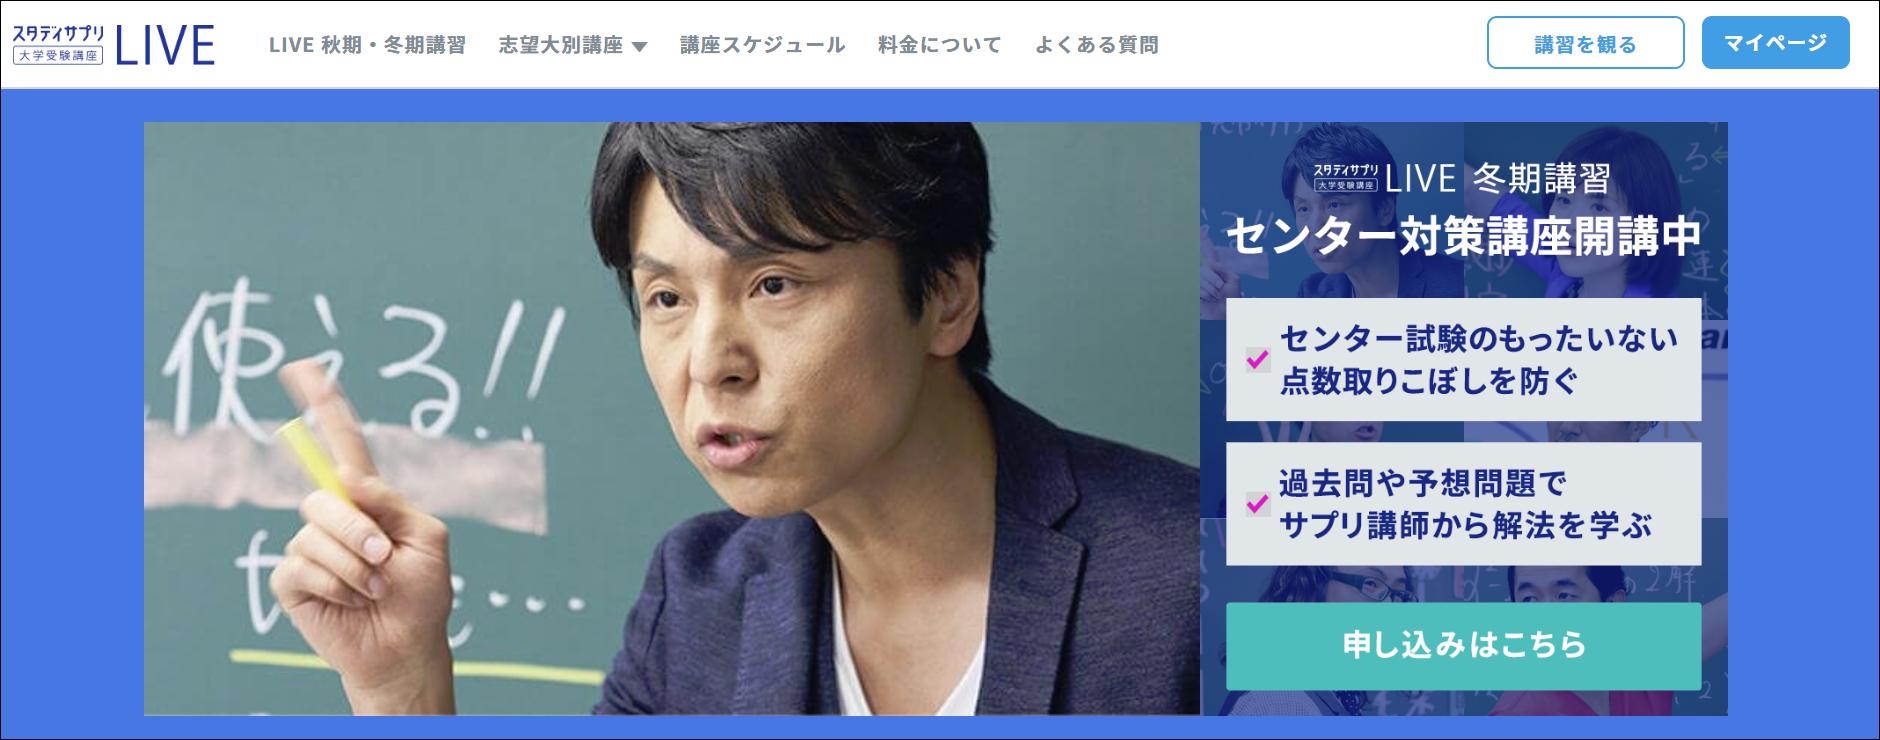 スタディサプリ特別講習(旧LIVE)のトップ画面